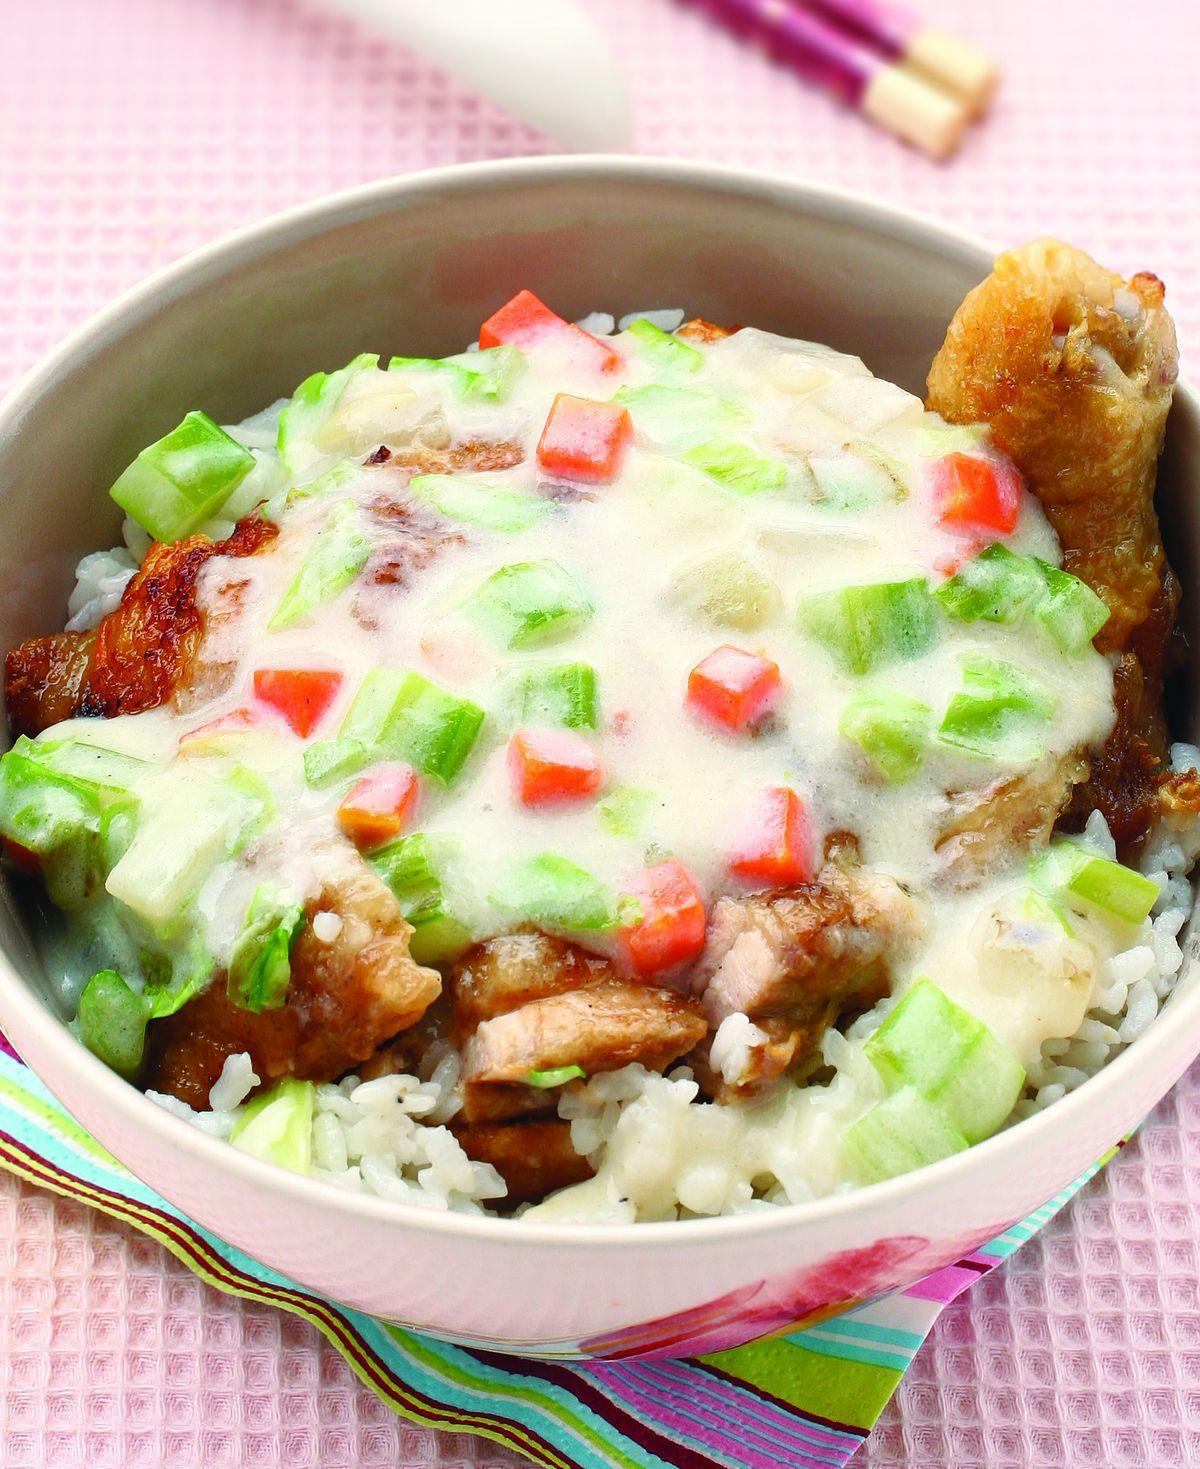 食譜:蔬菜牛奶雞腿蓋飯